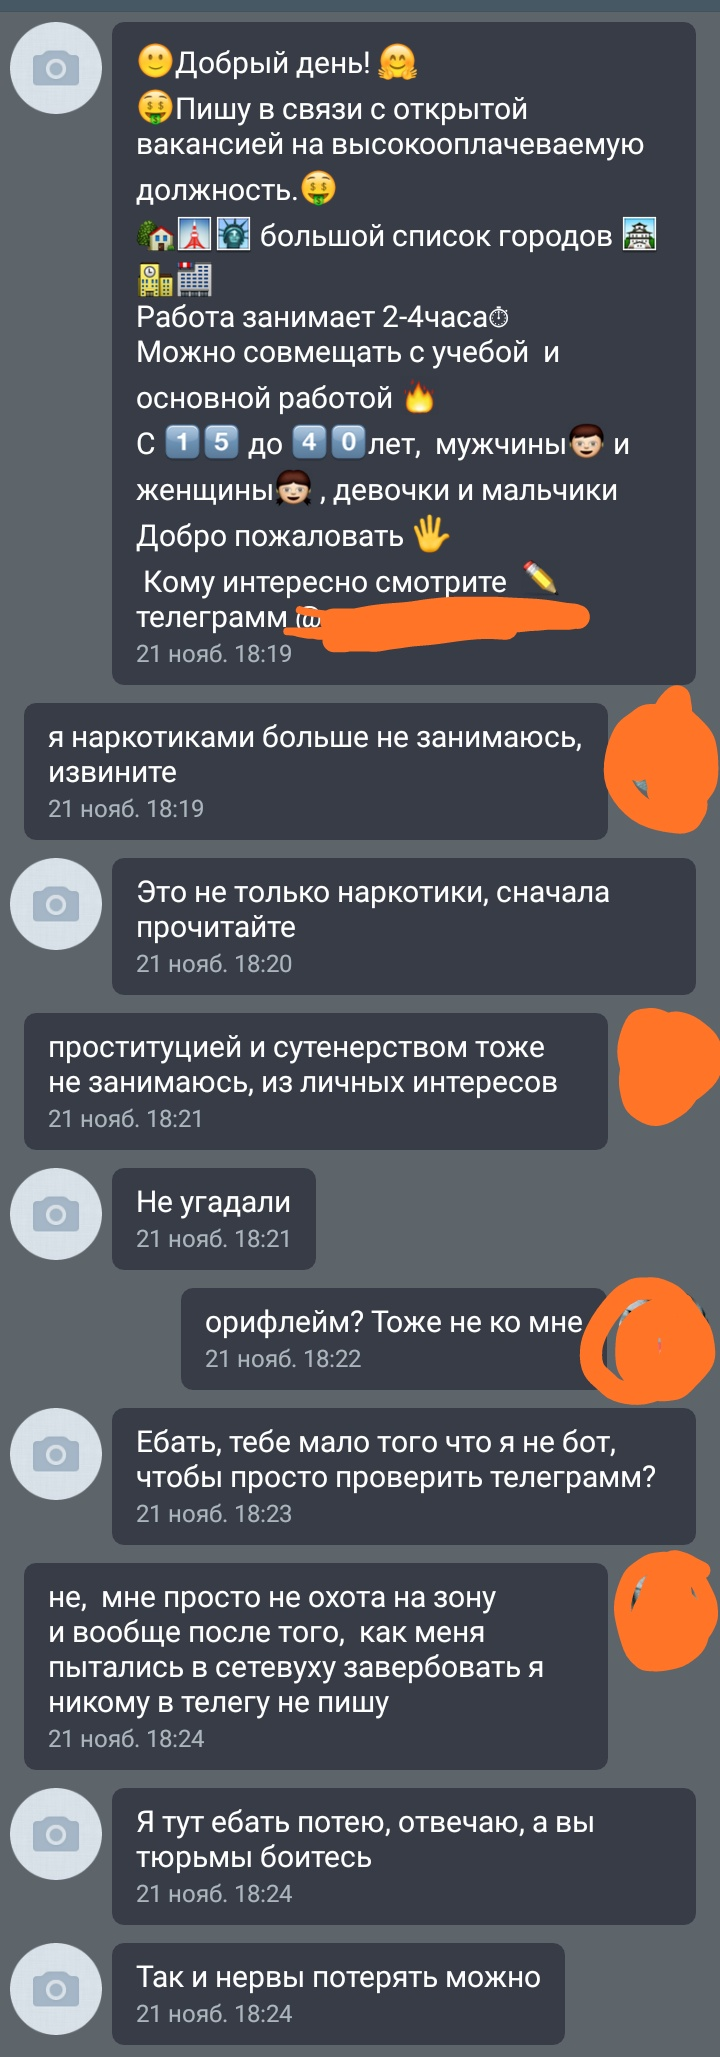 snyat-chas-tebe-ponravilos-so-mnoy-ebatsya-seks